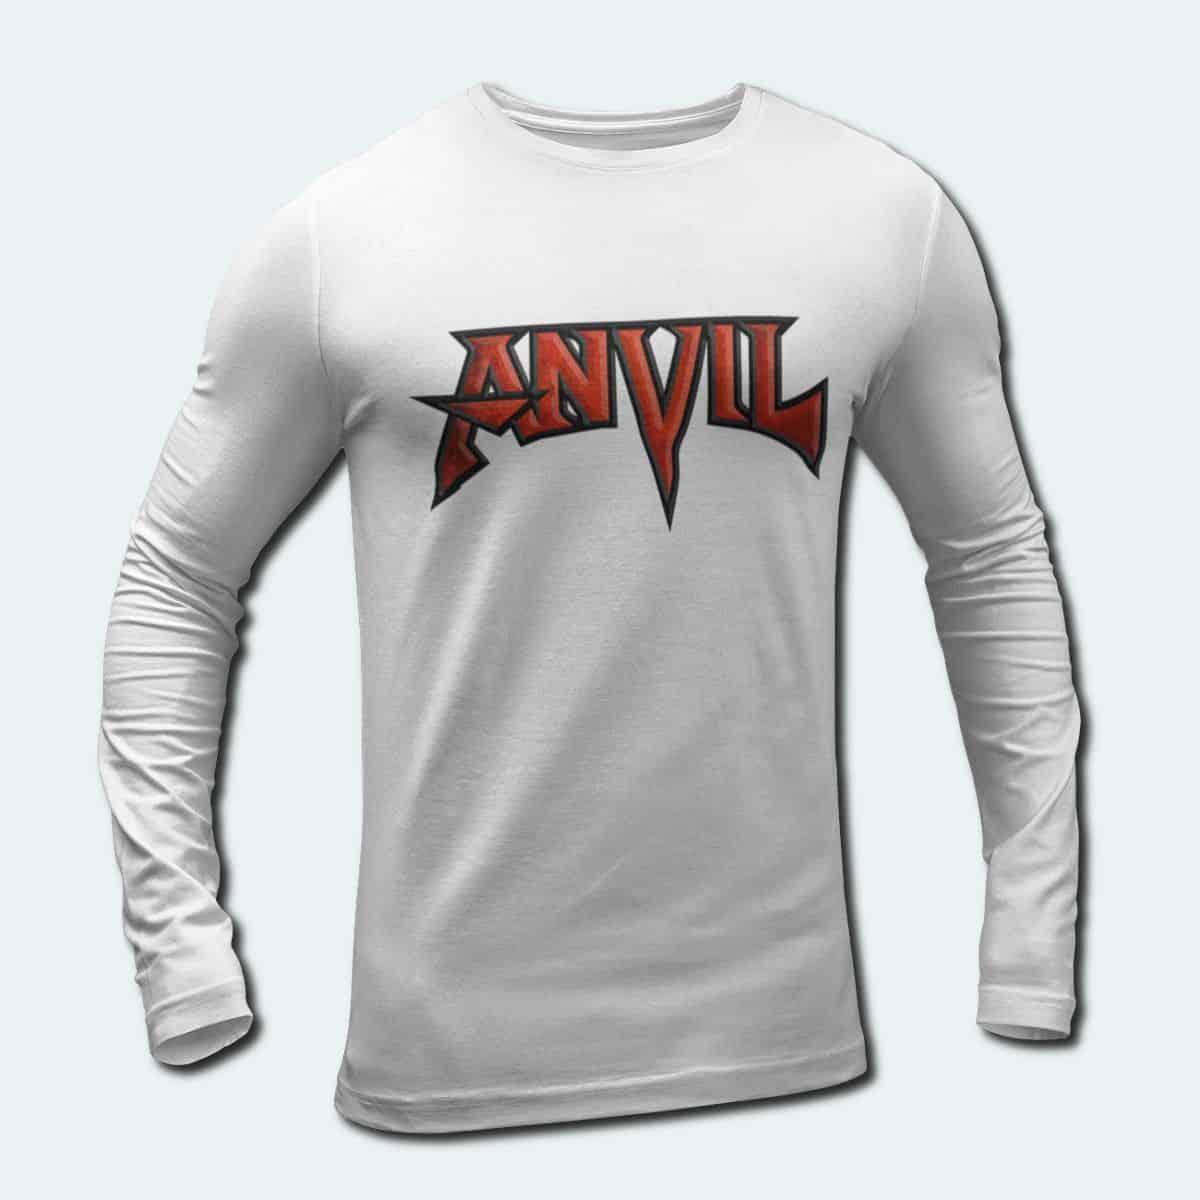 Anvil Band Long Sleeve T Shirt Anvil Logo Longsleeve Tee Heavy Metal Power Metal Merch Metal Band T Shirt Metal Band Tee Shirts